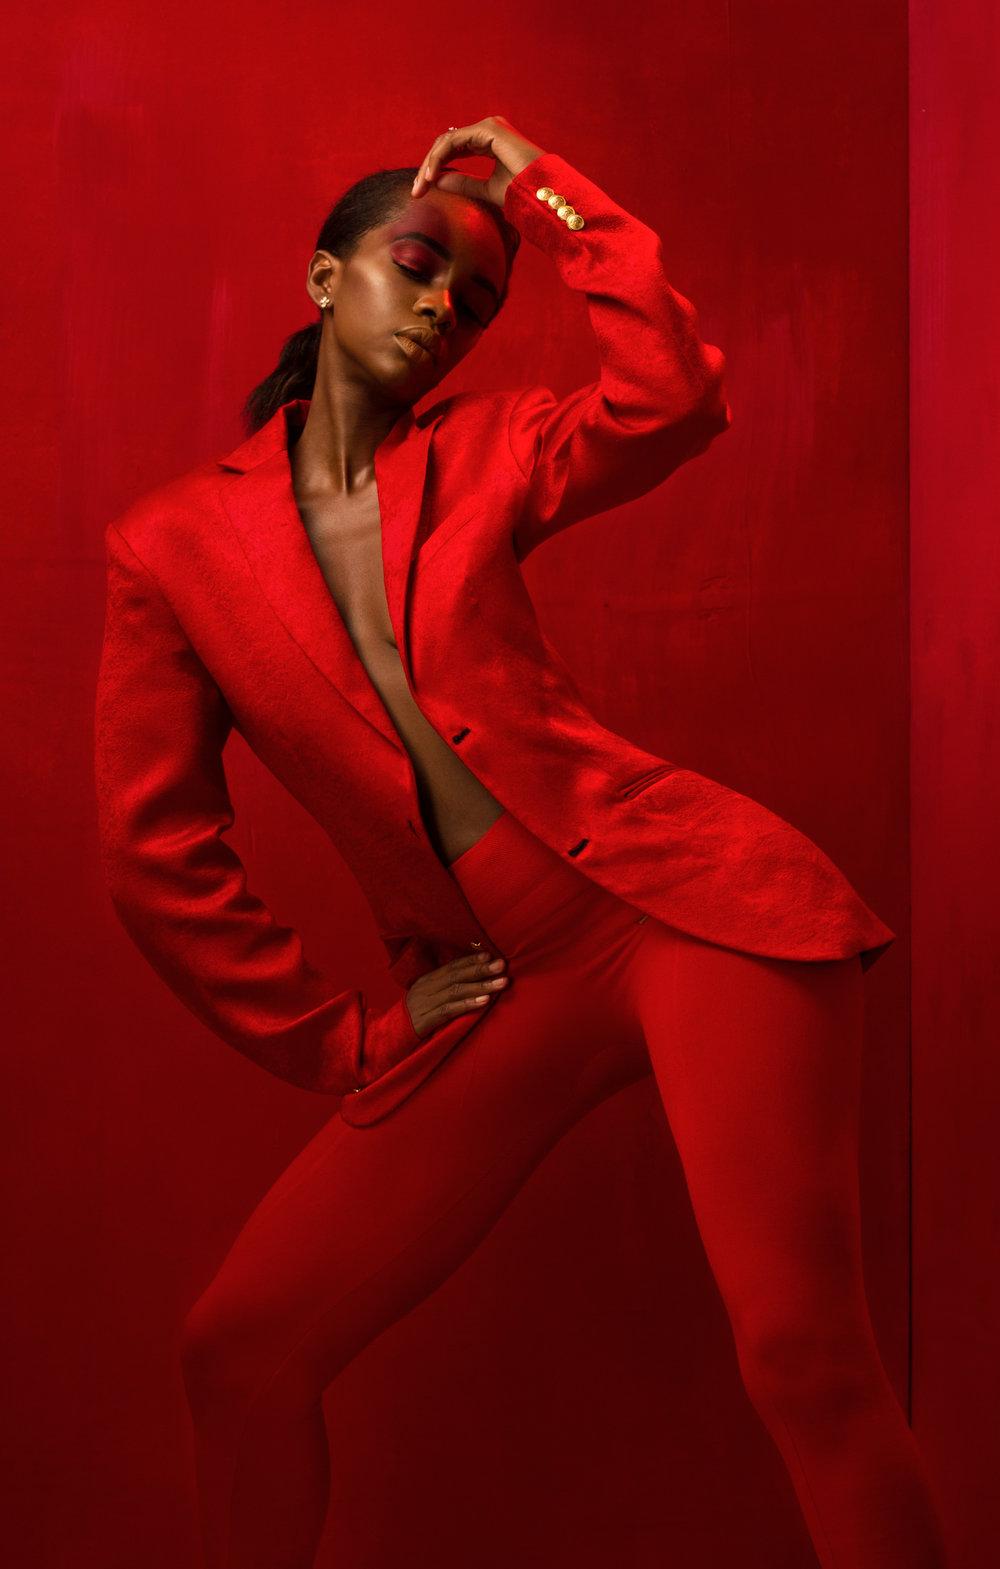 Чернокожие модели от фотографа Артура Кифа